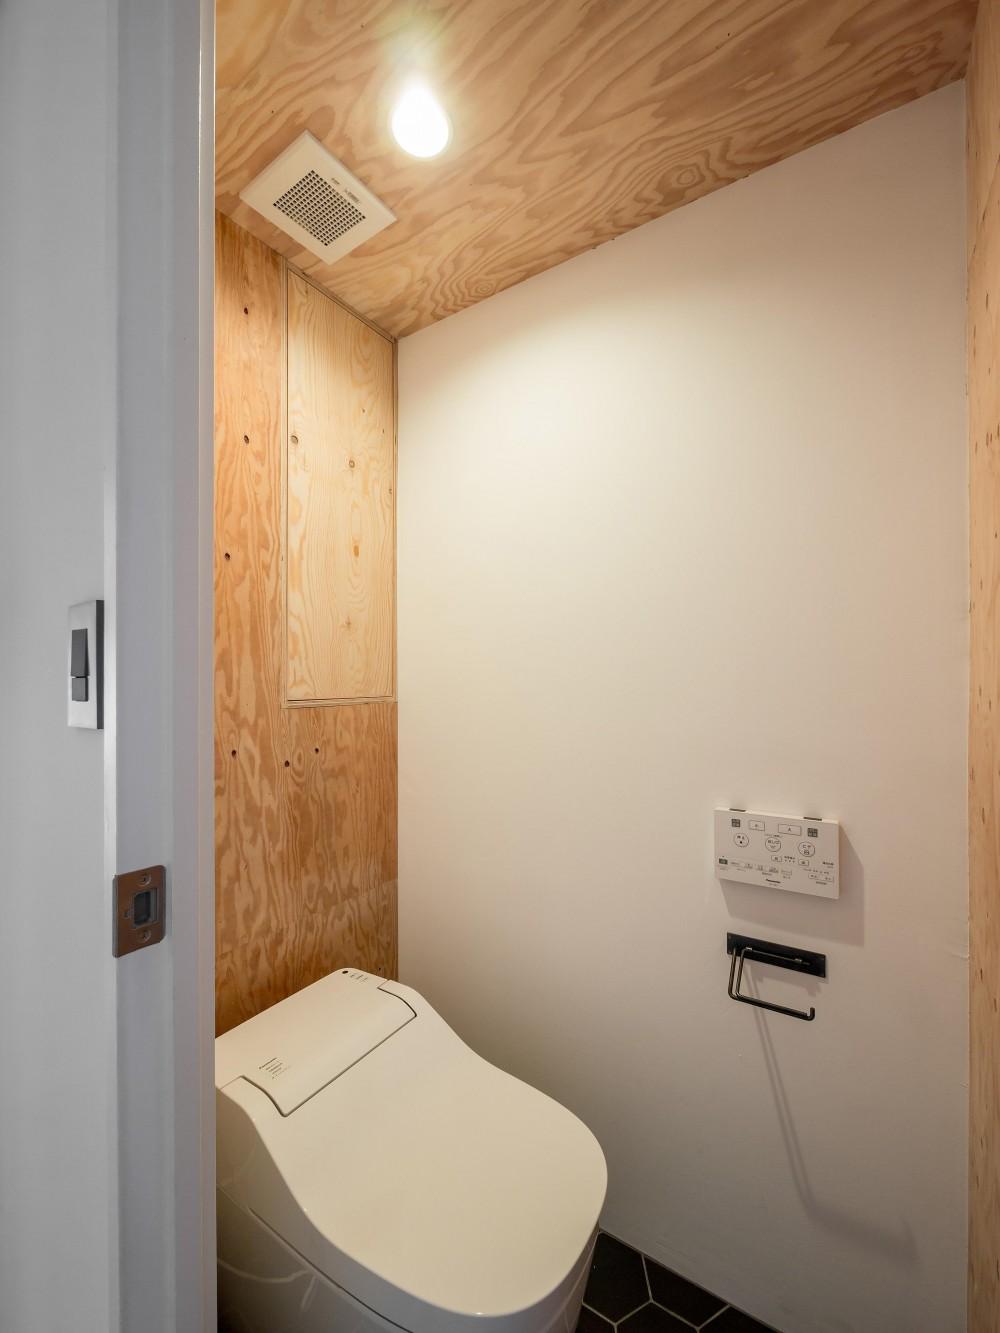 木とモノトーンの調和した家 (合板の味わいを活かしたトイレ空間)